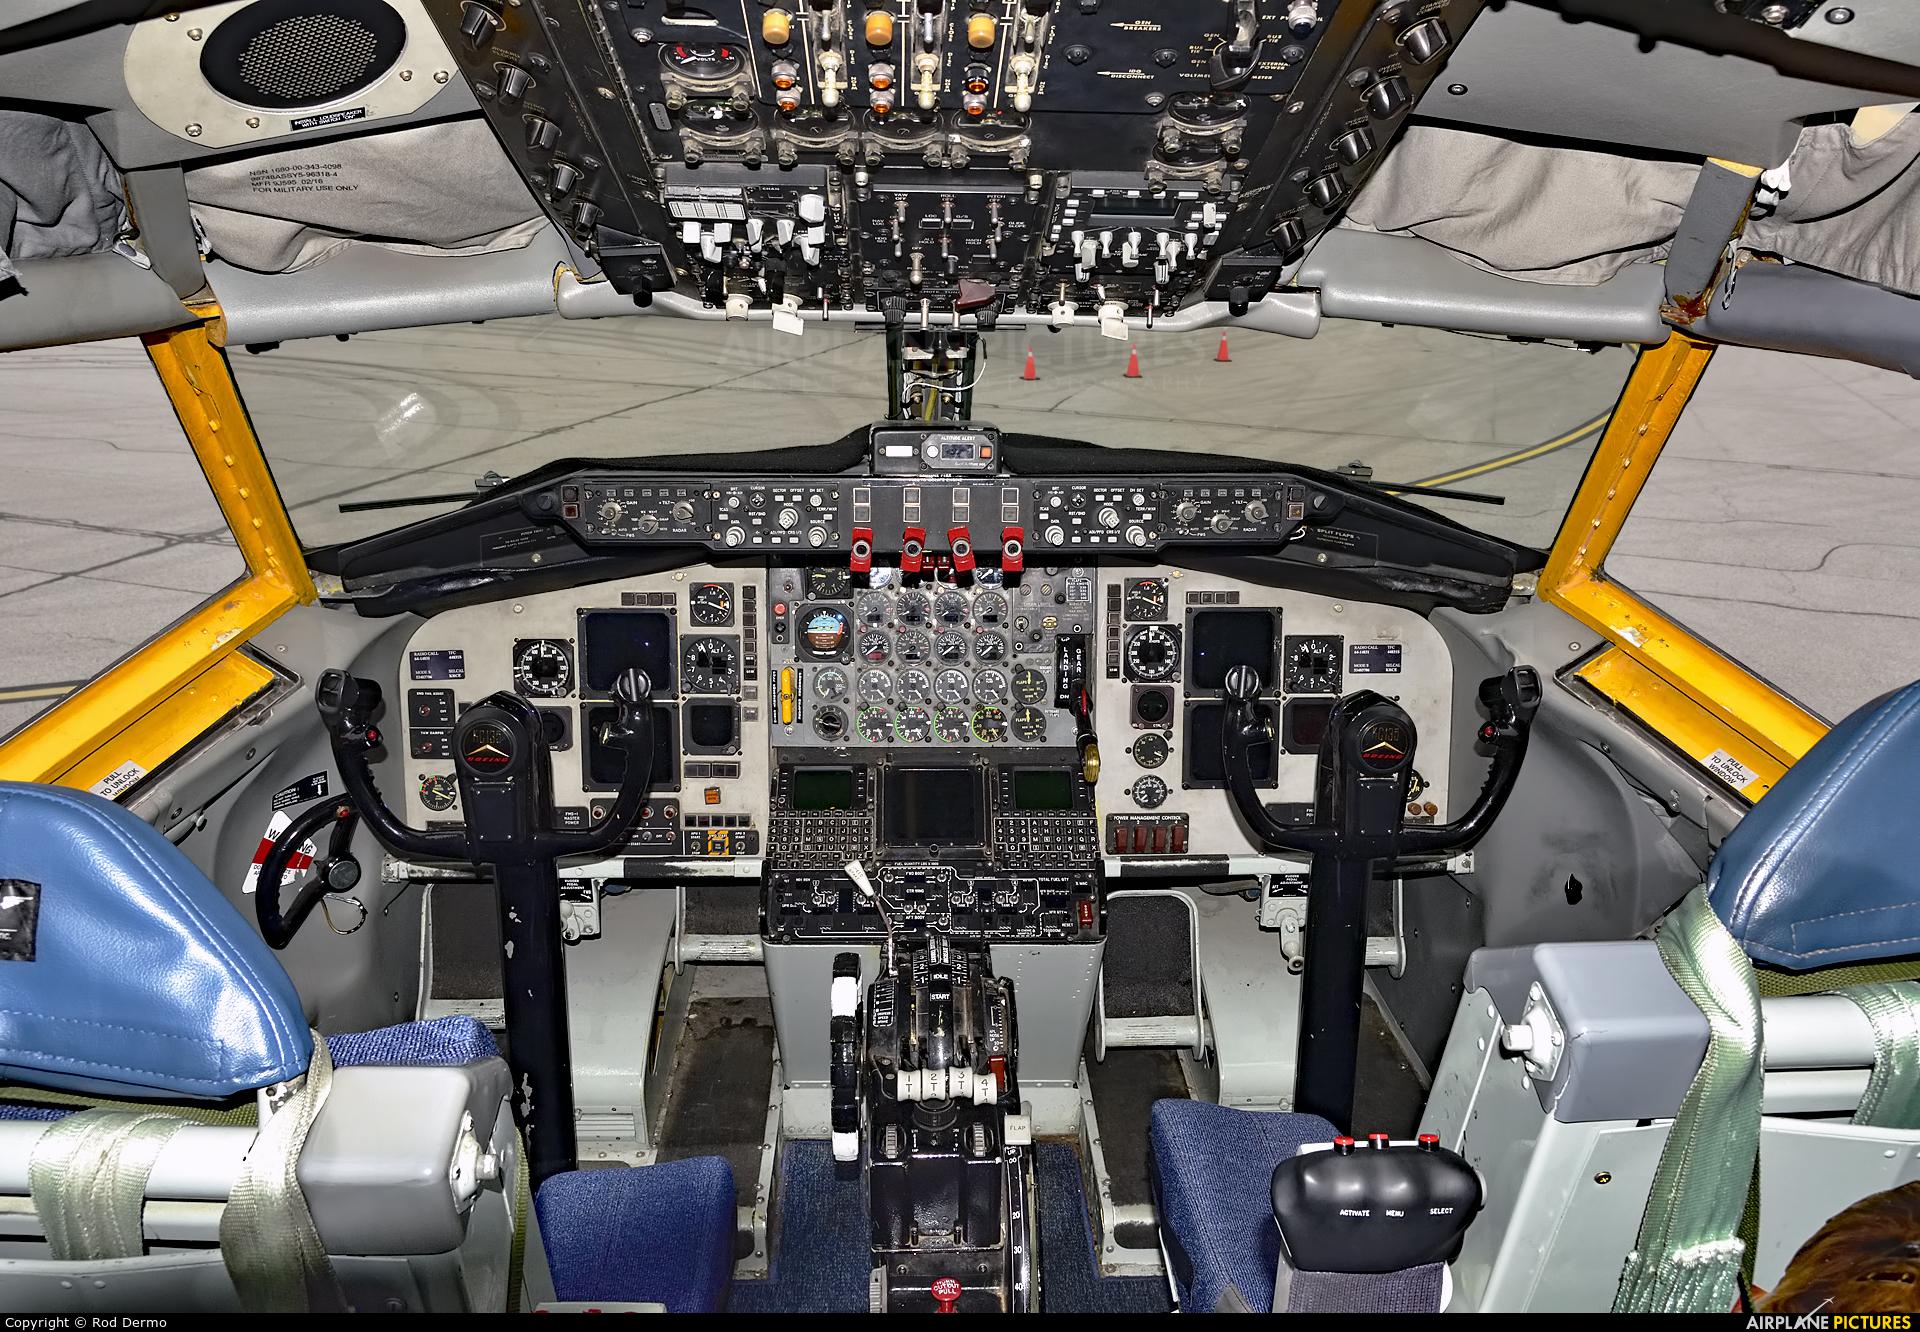 USA - Air Force 64-14831 aircraft at London  Intl, ON